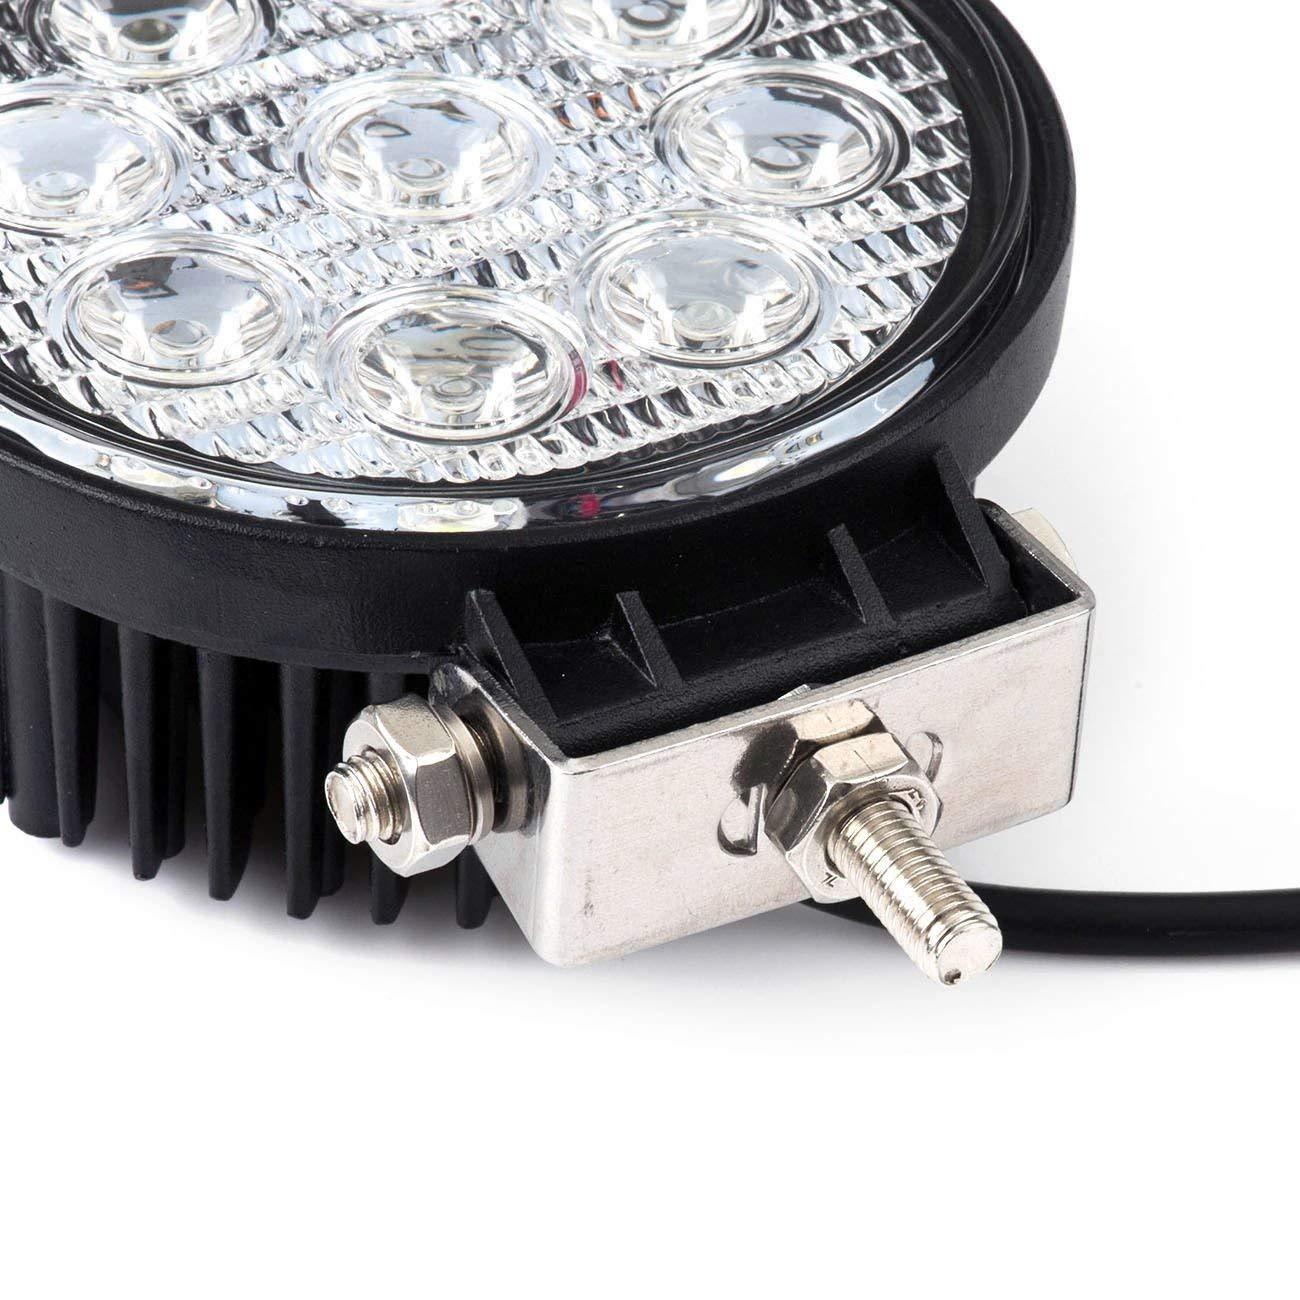 6000/ 2/x LED Faro 27/W Faro de trabajo para luz de trabajo SUV Offroad IP67/2430/l/úmenes con 9/ledes reflector de marcha atr/ás ATV UTV redondas camiones /6500/K Offroad Tractores